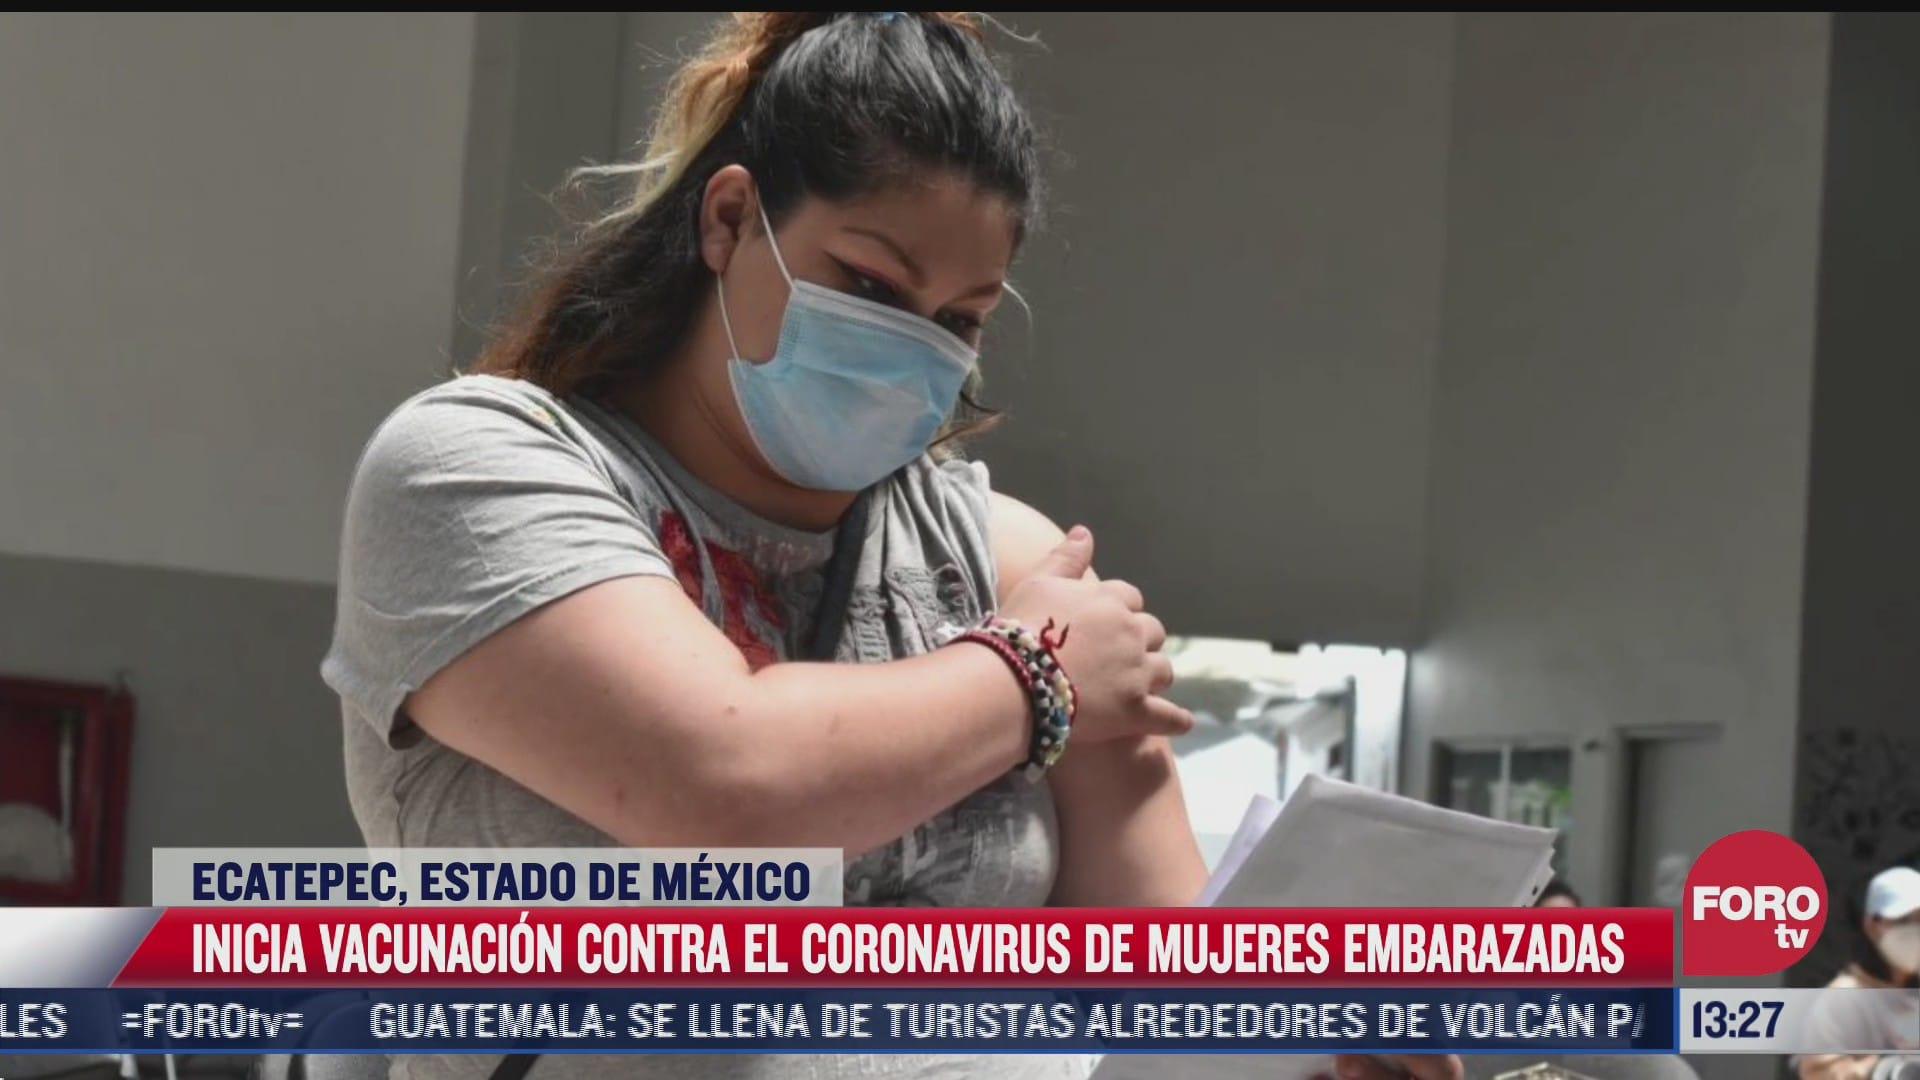 inicia vacunacion contra covid 19 para mujeres embarazadas en ecatepec estado de mexico